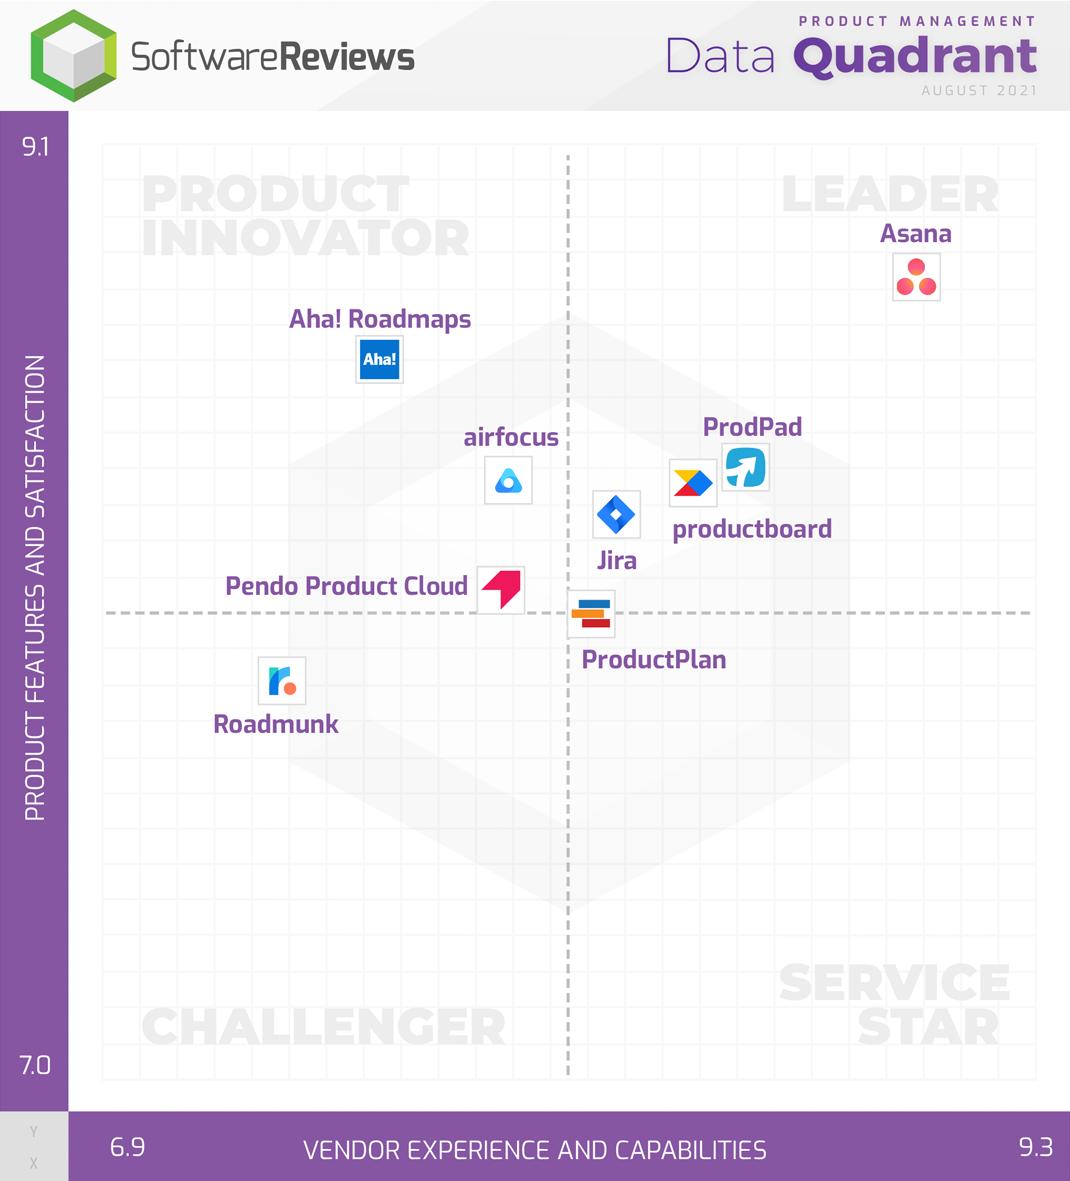 Product Management Data Quadrant